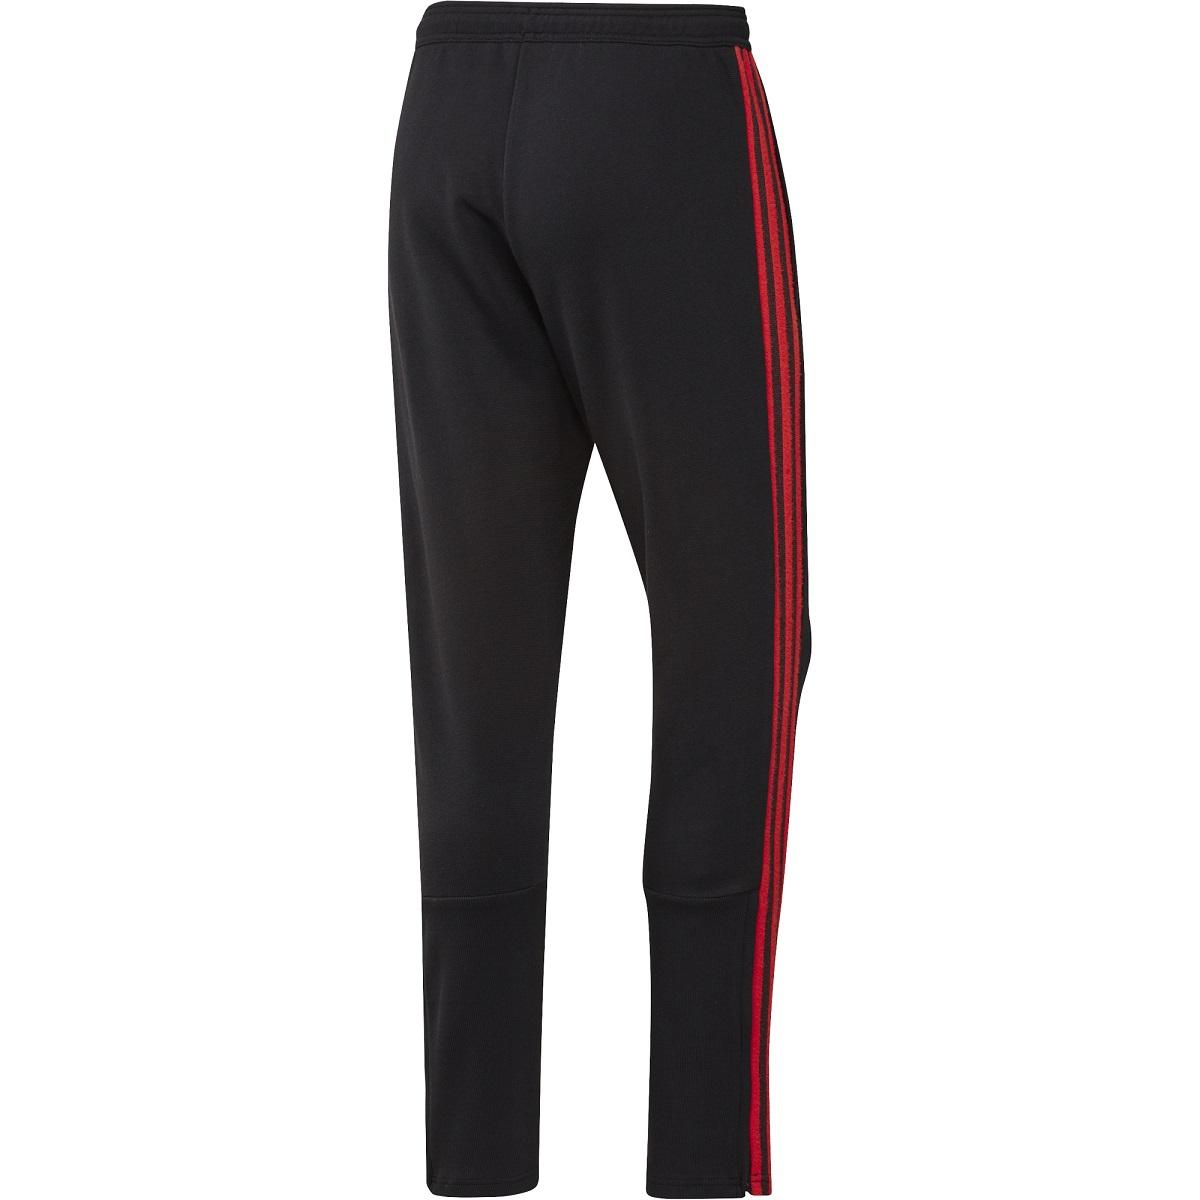 Calça Adidas S.C Internacional 3 Stripes 2021